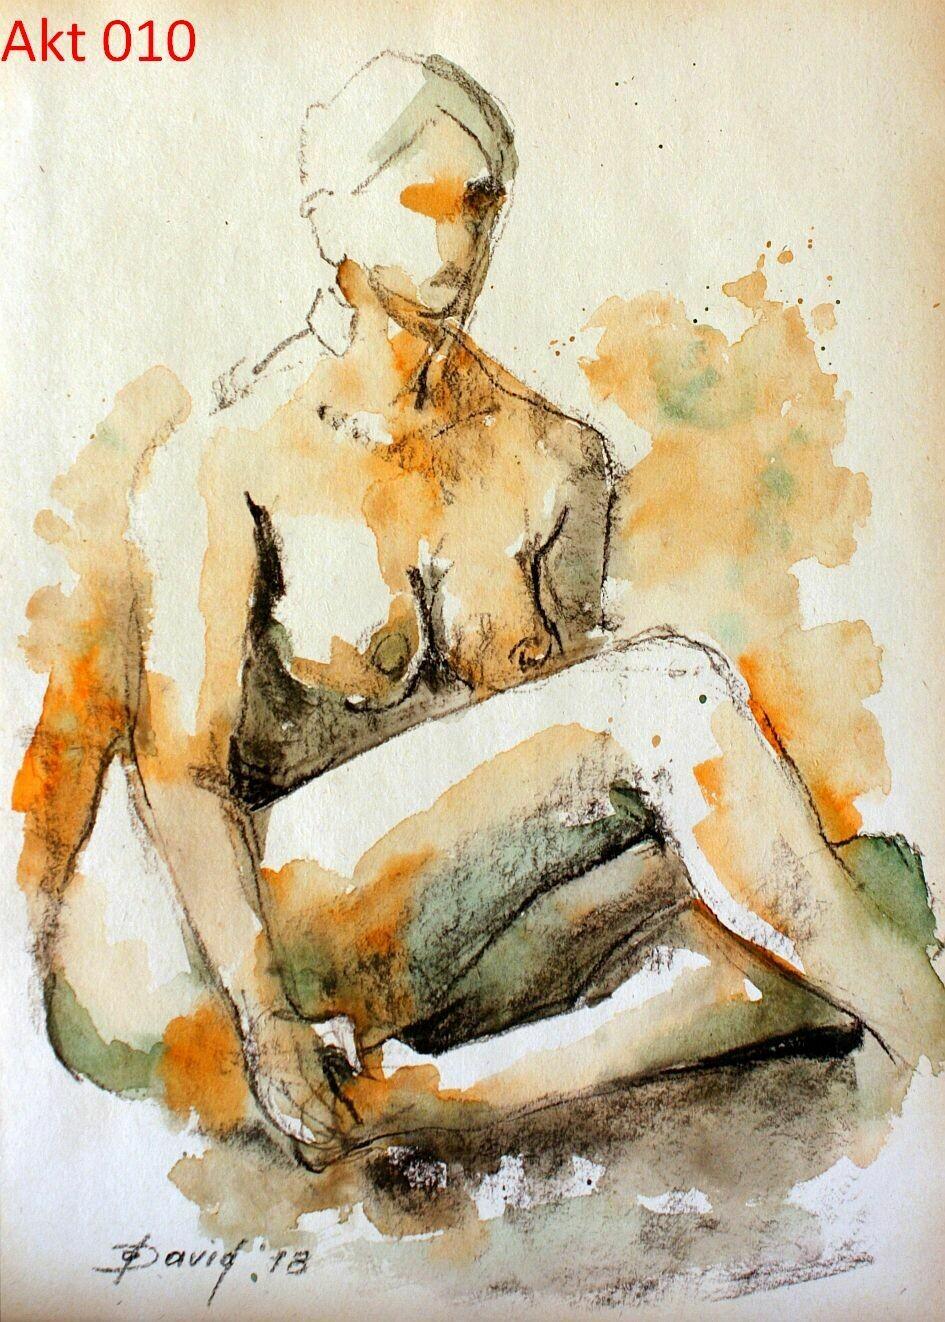 Aktmalerei, Original Akt Zeichnungen auf Papier, Format 30x42 cm